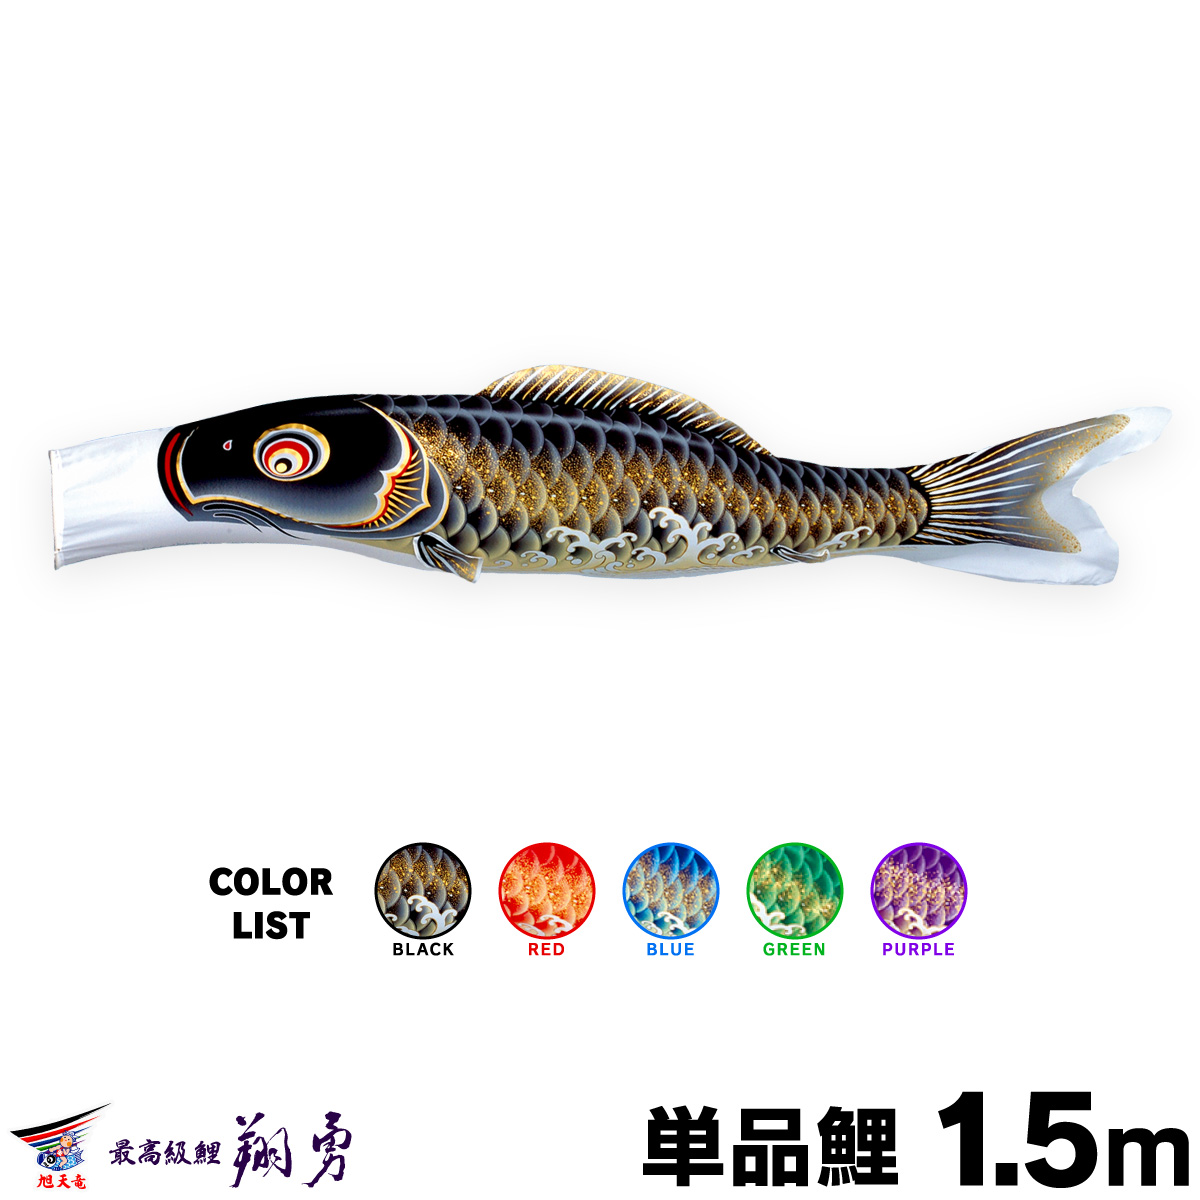 【こいのぼり 単品】 翔勇鯉 1.5m 単品鯉